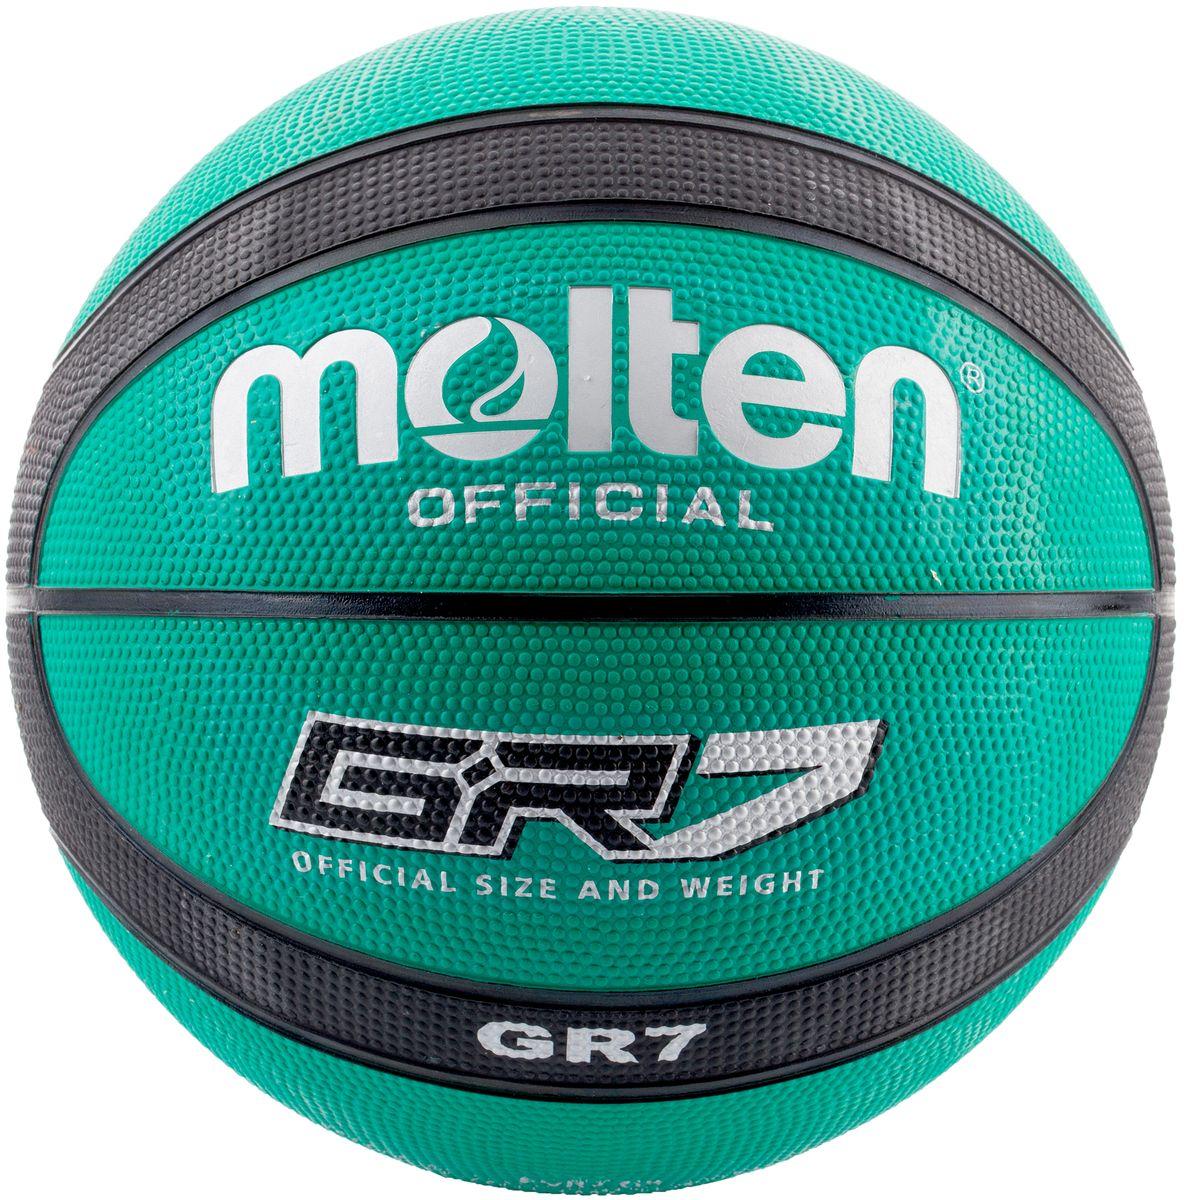 Мяч баскетбольный Molten. Размер 7. BGR7-GKBGR7-GKМяч баскетбольный для игр на площадках. Клееный тип соединения панелей, нейлоновая обмотка камеры, изготовлен из износостойкой резины.